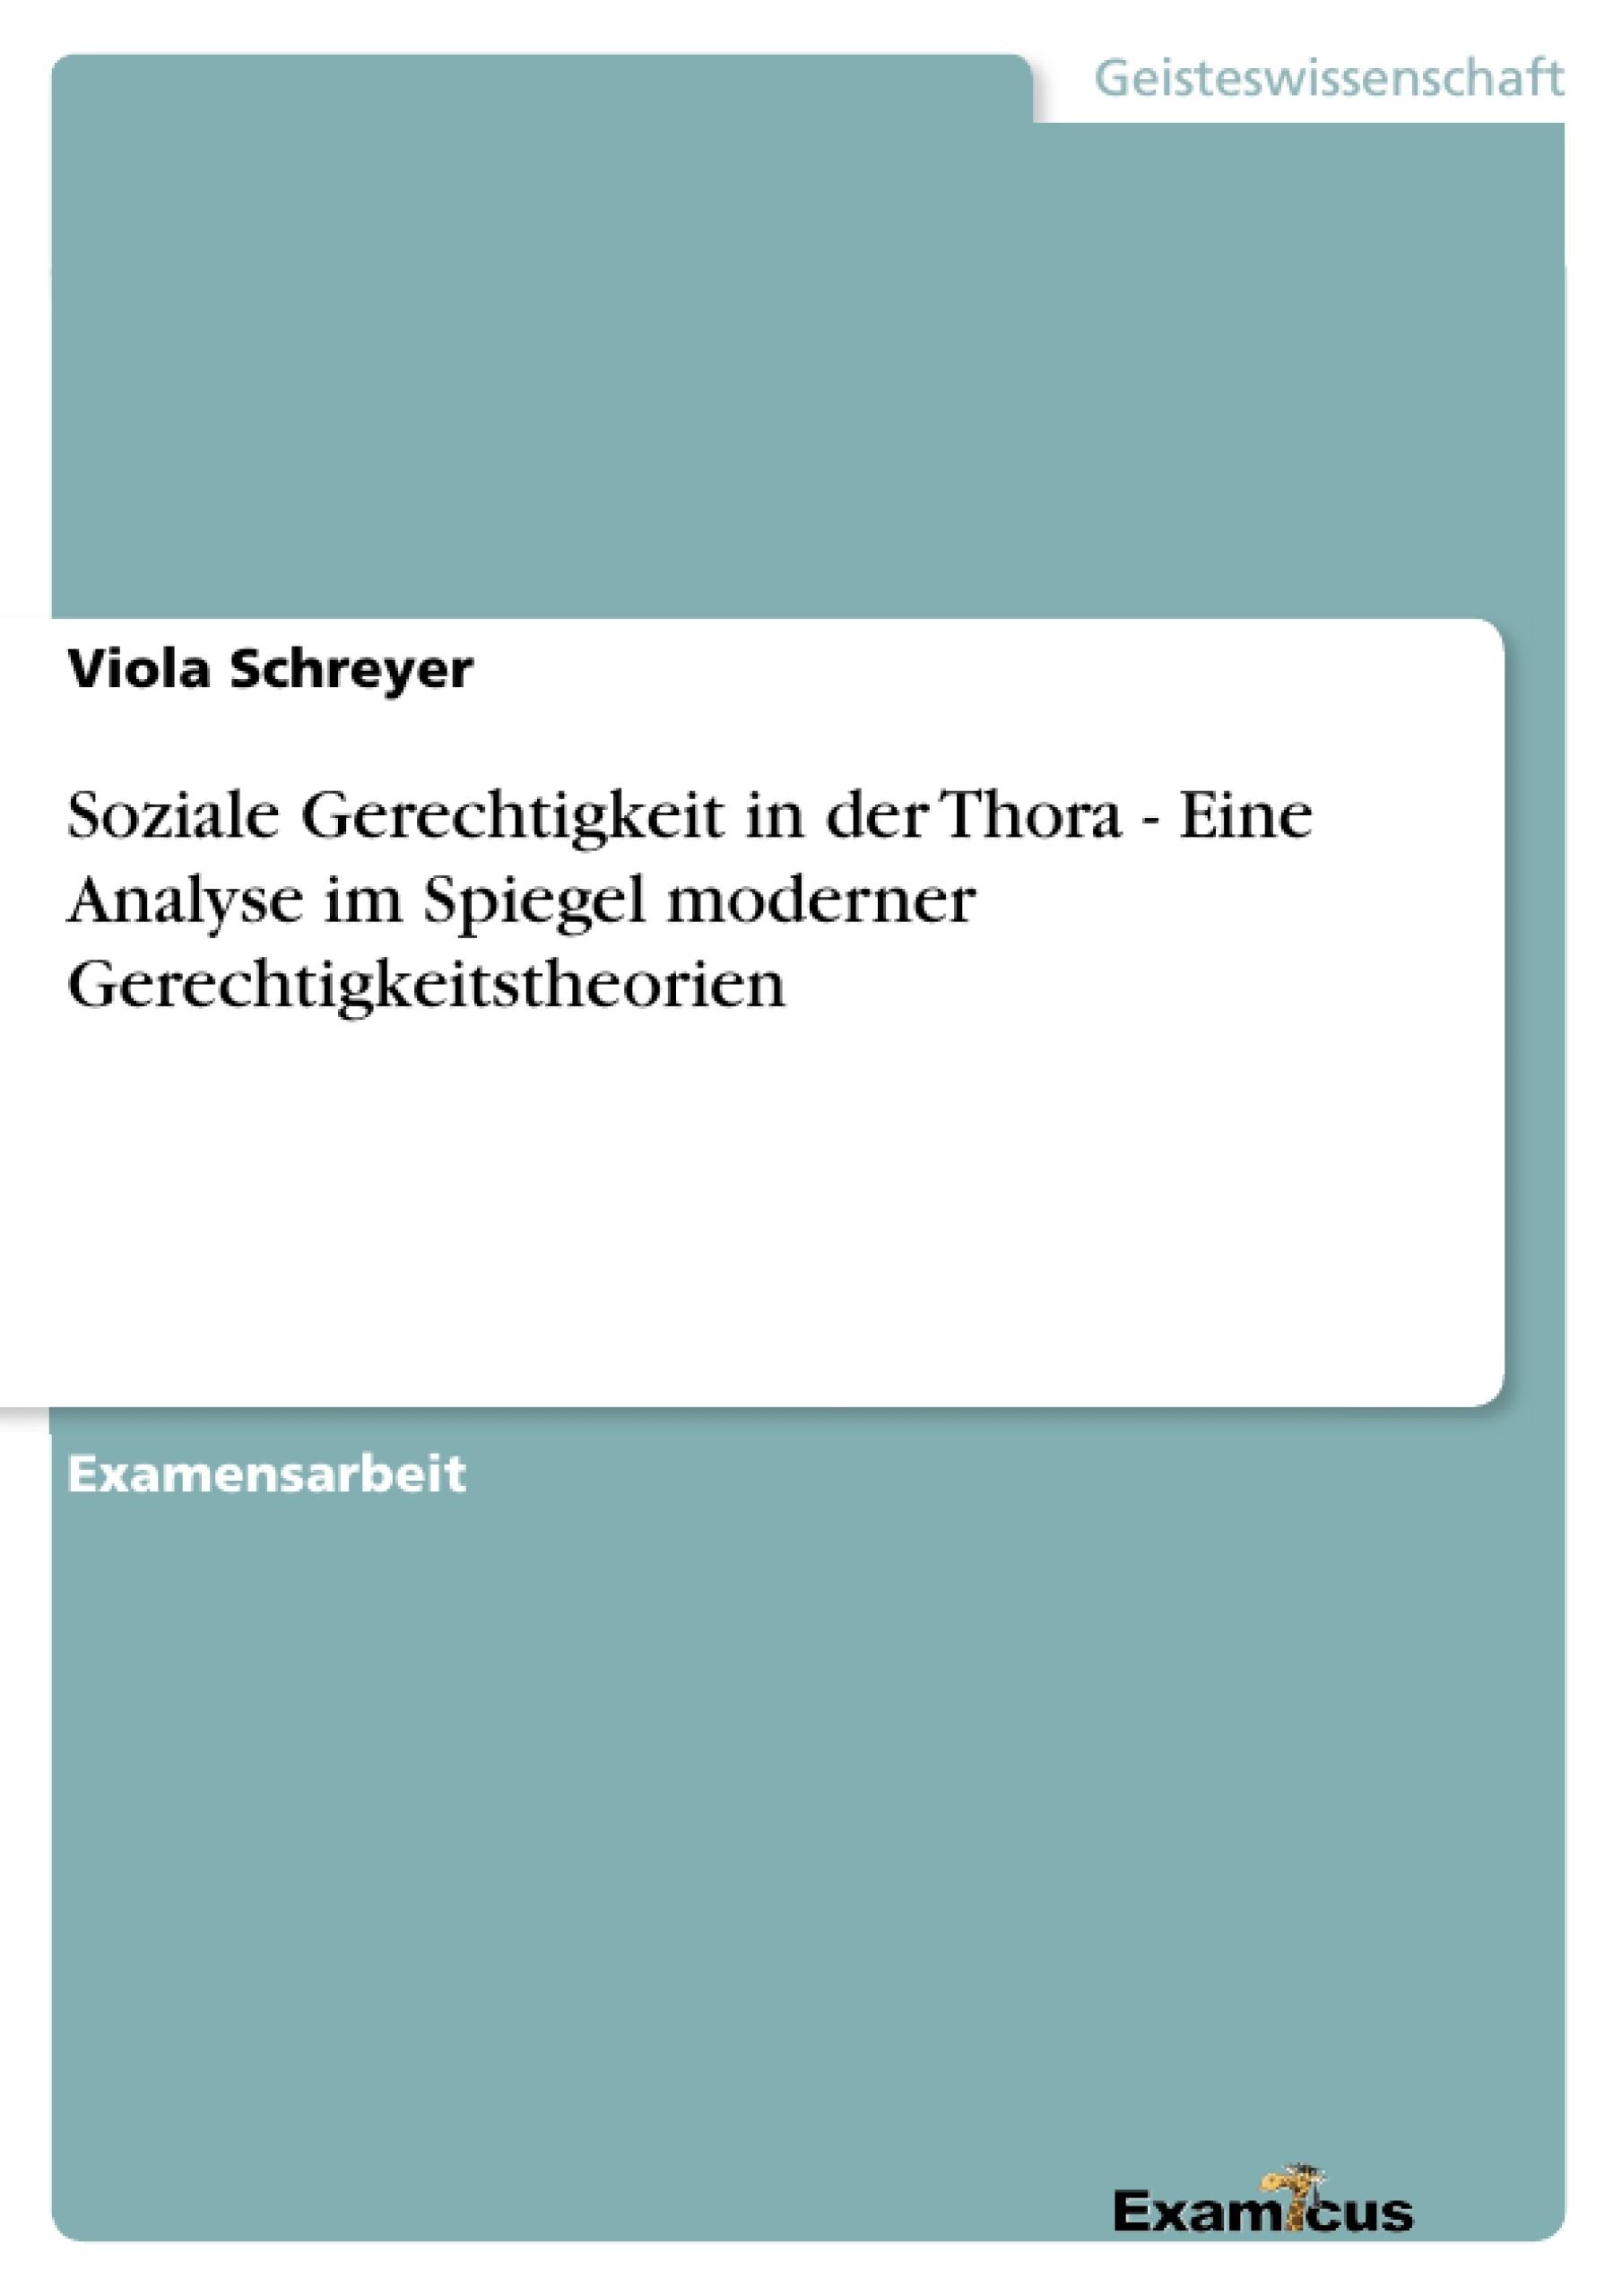 Titel: Soziale Gerechtigkeit in der Thora - Eine Analyse im Spiegel moderner Gerechtigkeitstheorien